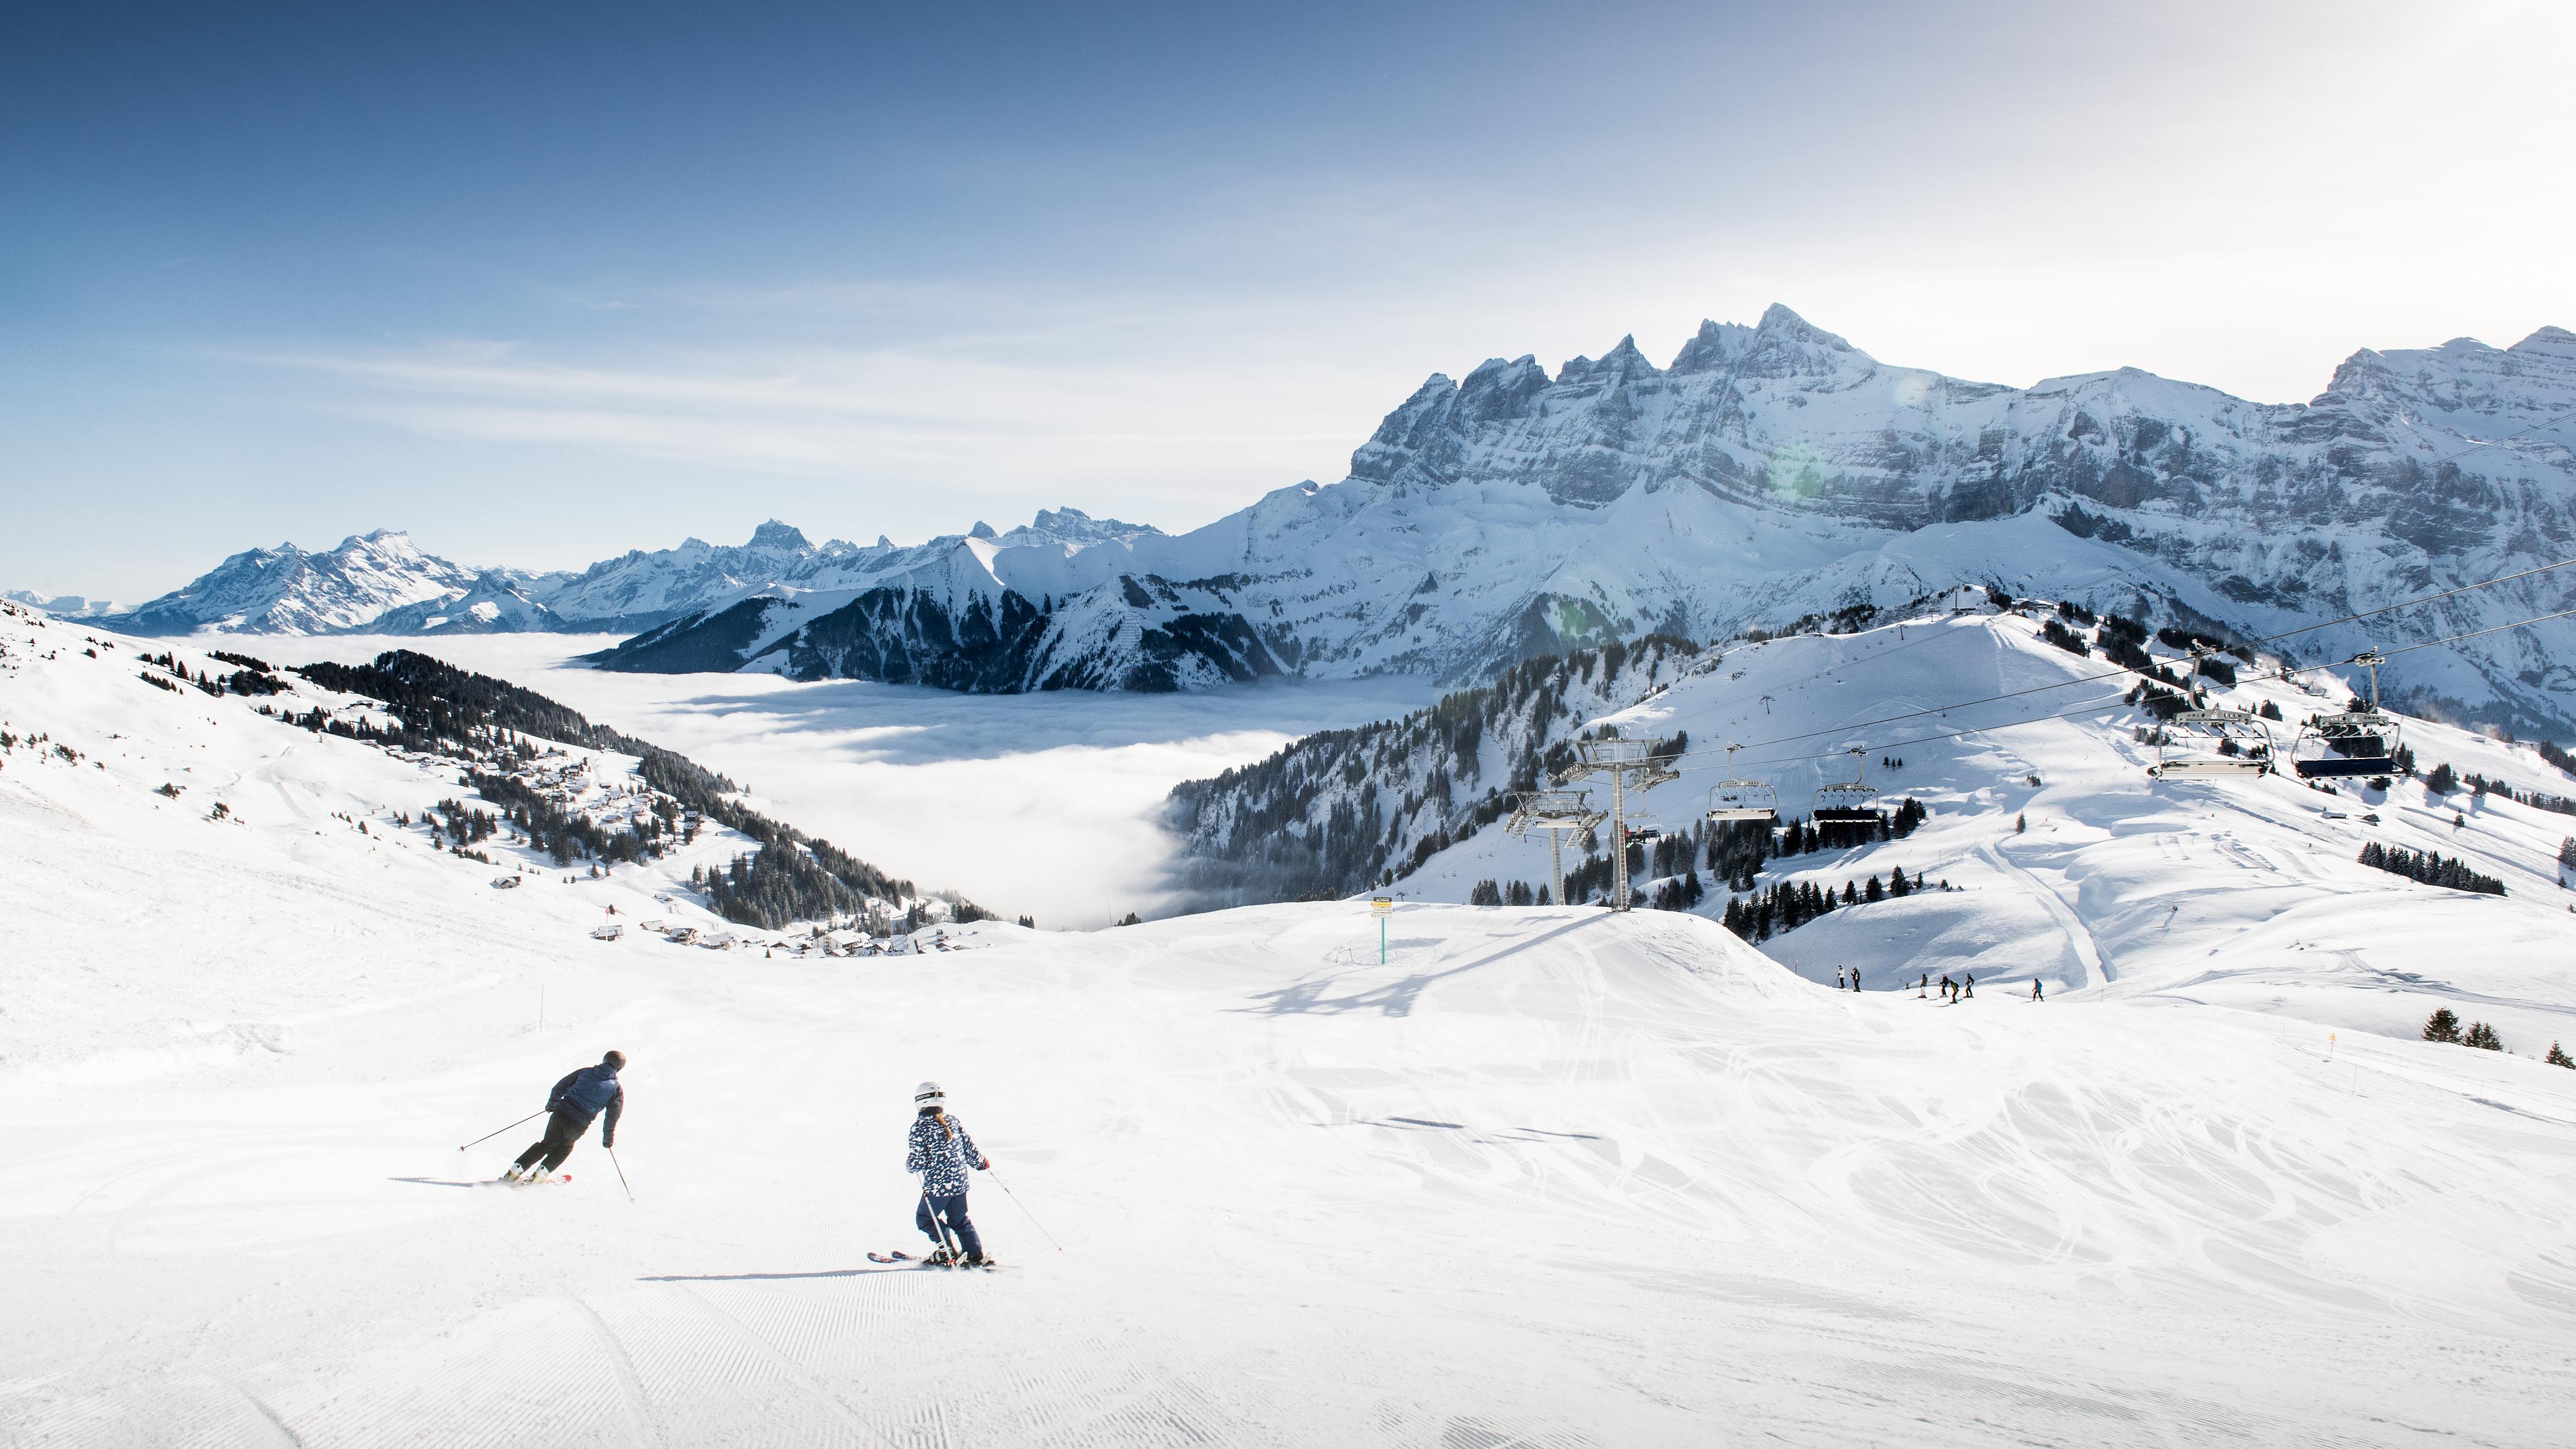 Где покататься на лыжах: гайд по курортам Европы Где покататься на лыжах: гайд по курортам Европы fra3